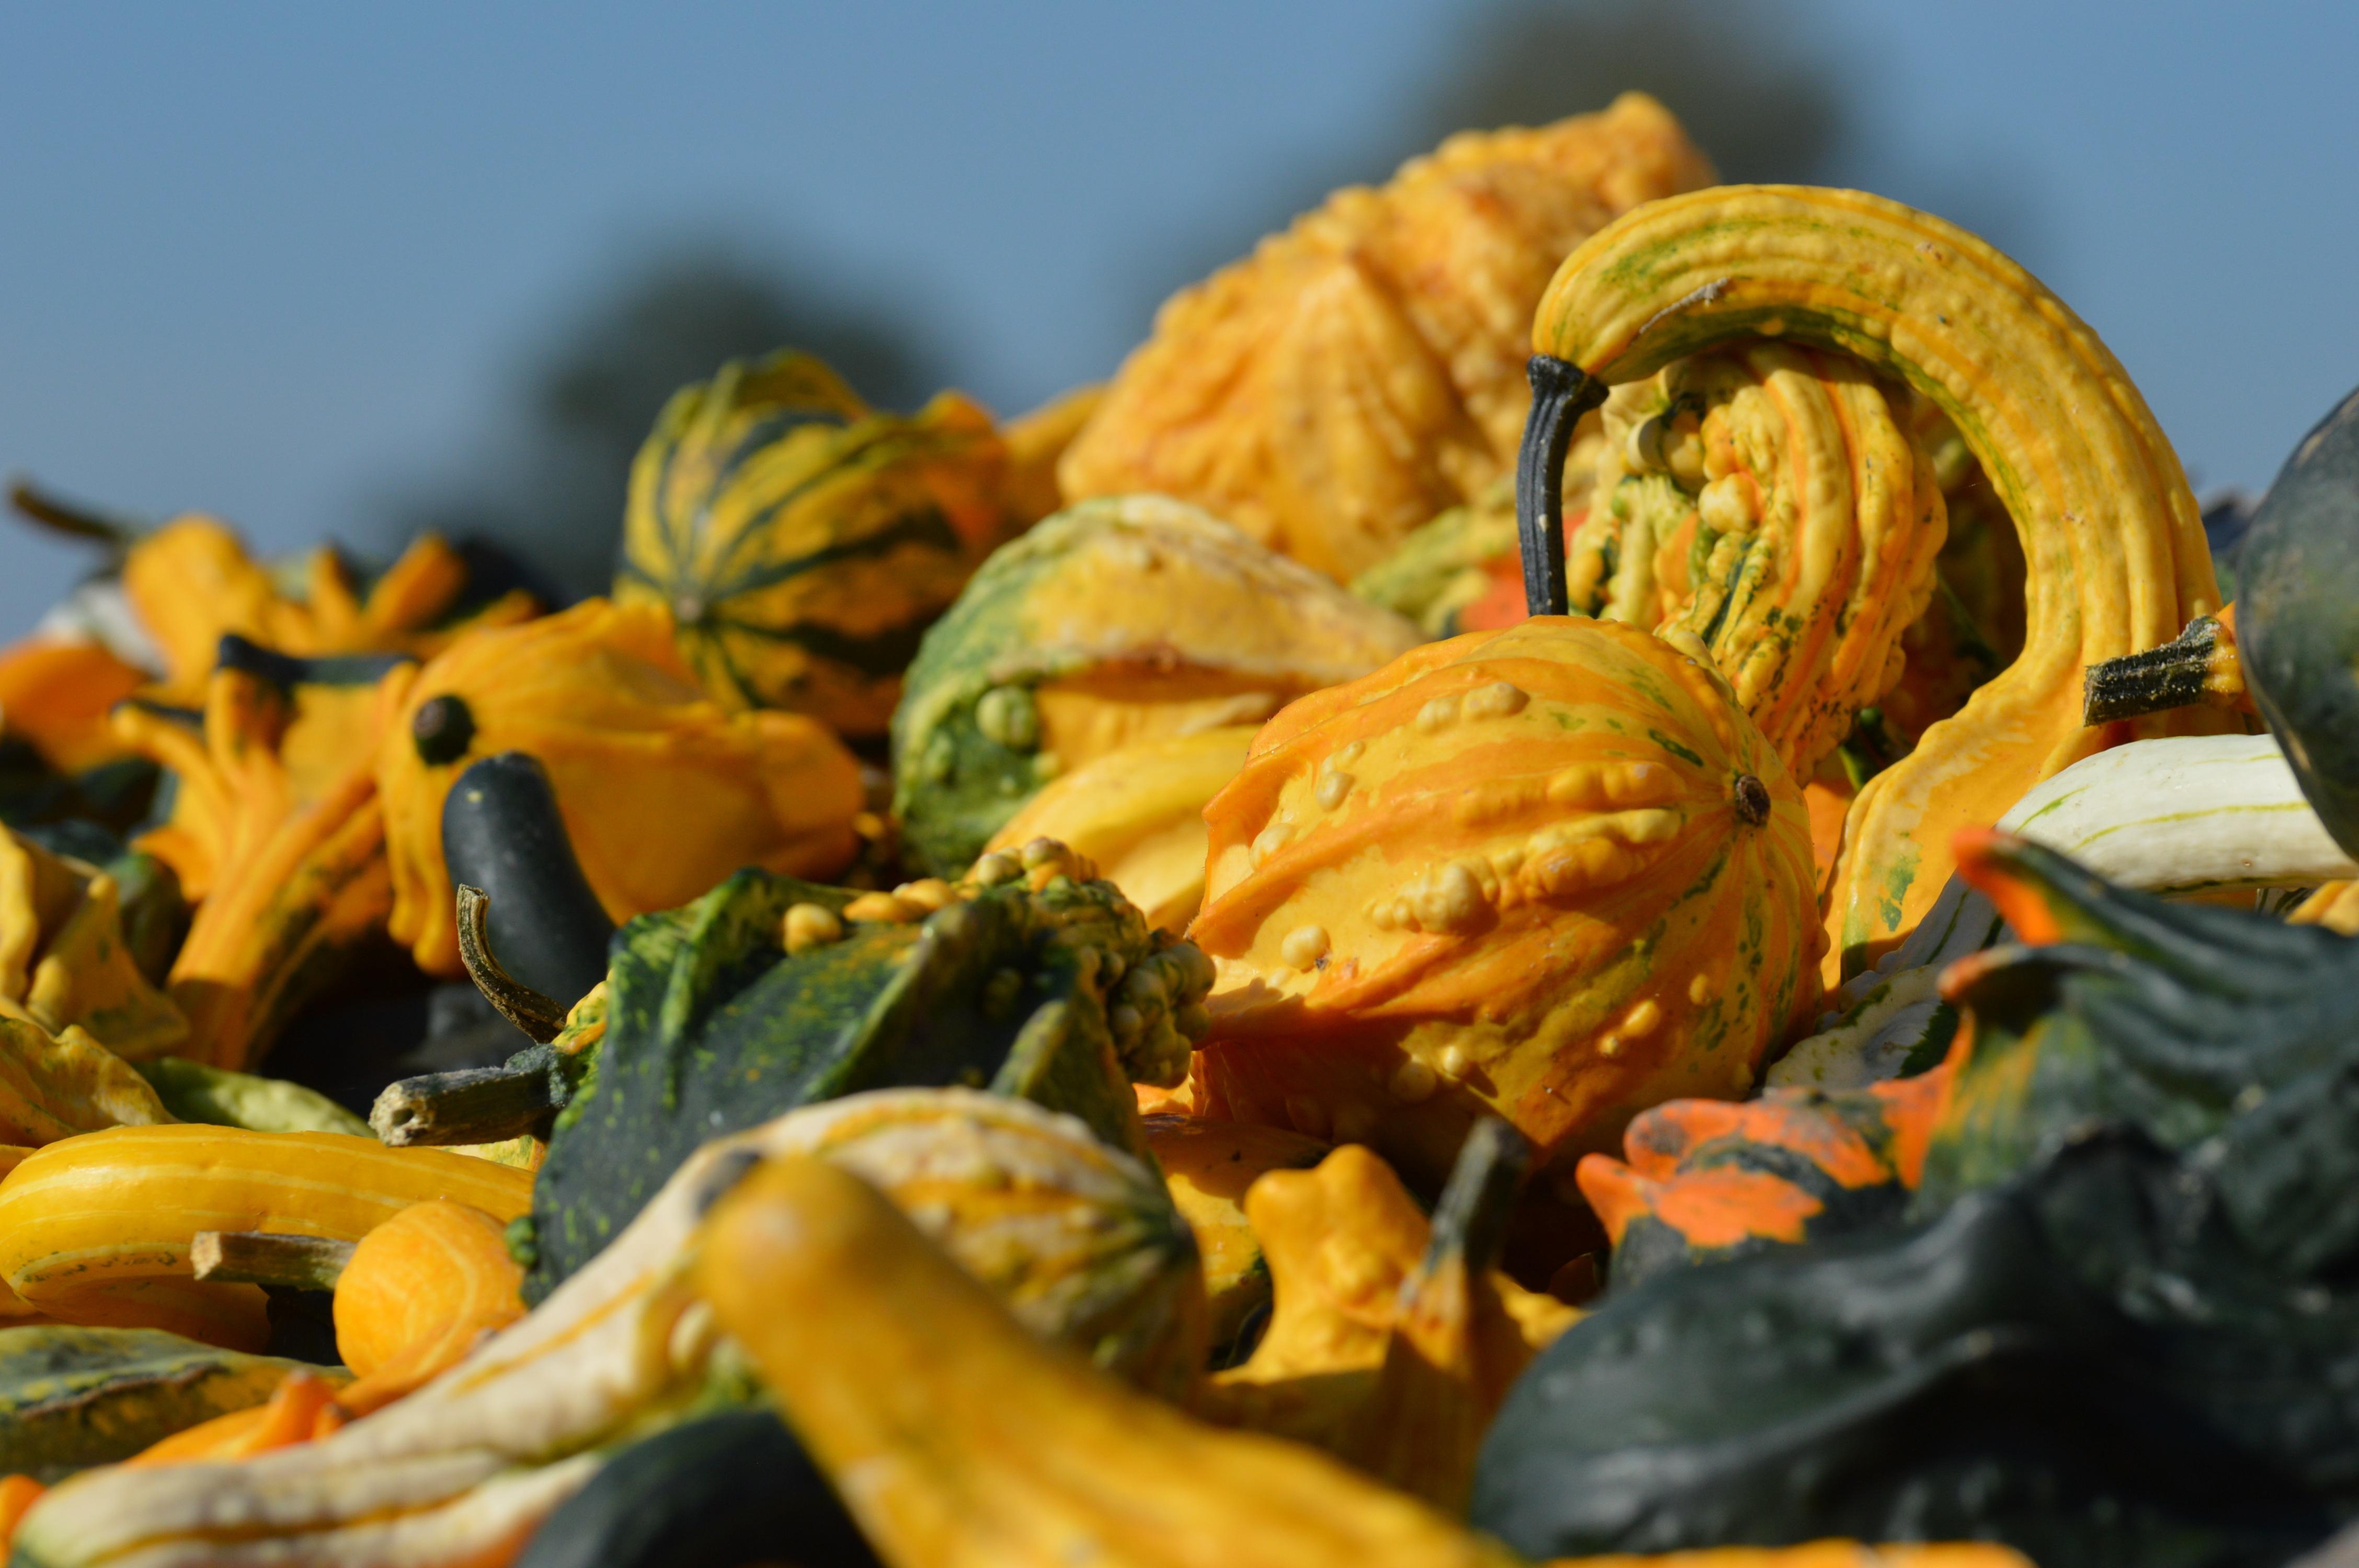 Gratis afbeeldingen : fabriek blad bloem schotel produceren